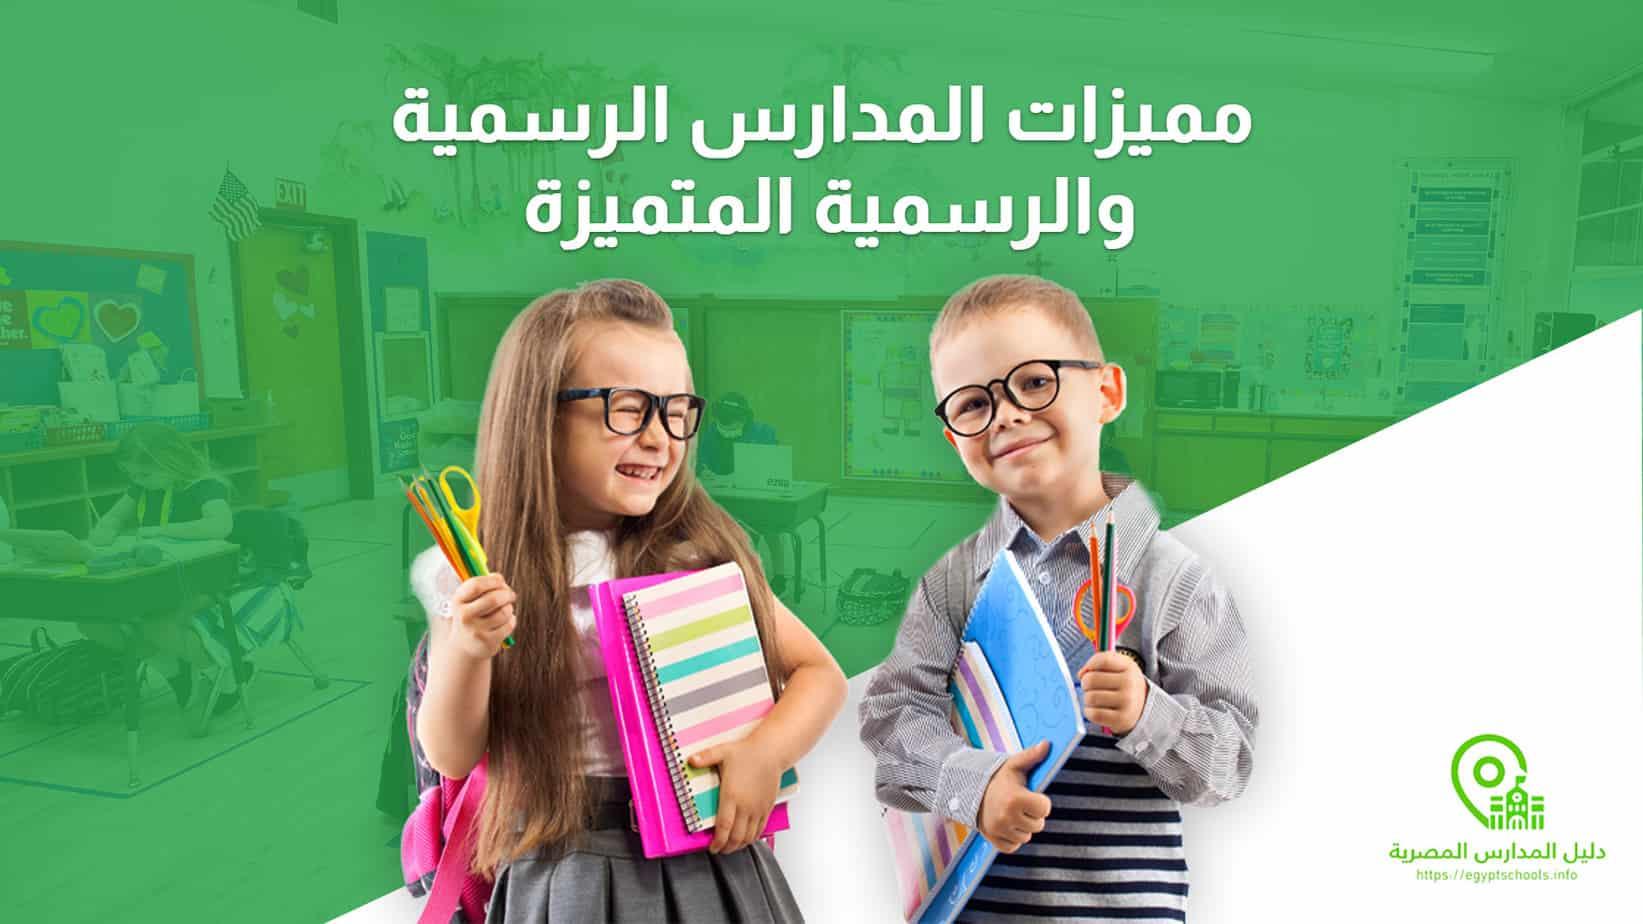 مميزات المدارس الرسمية والرسمية المميزة